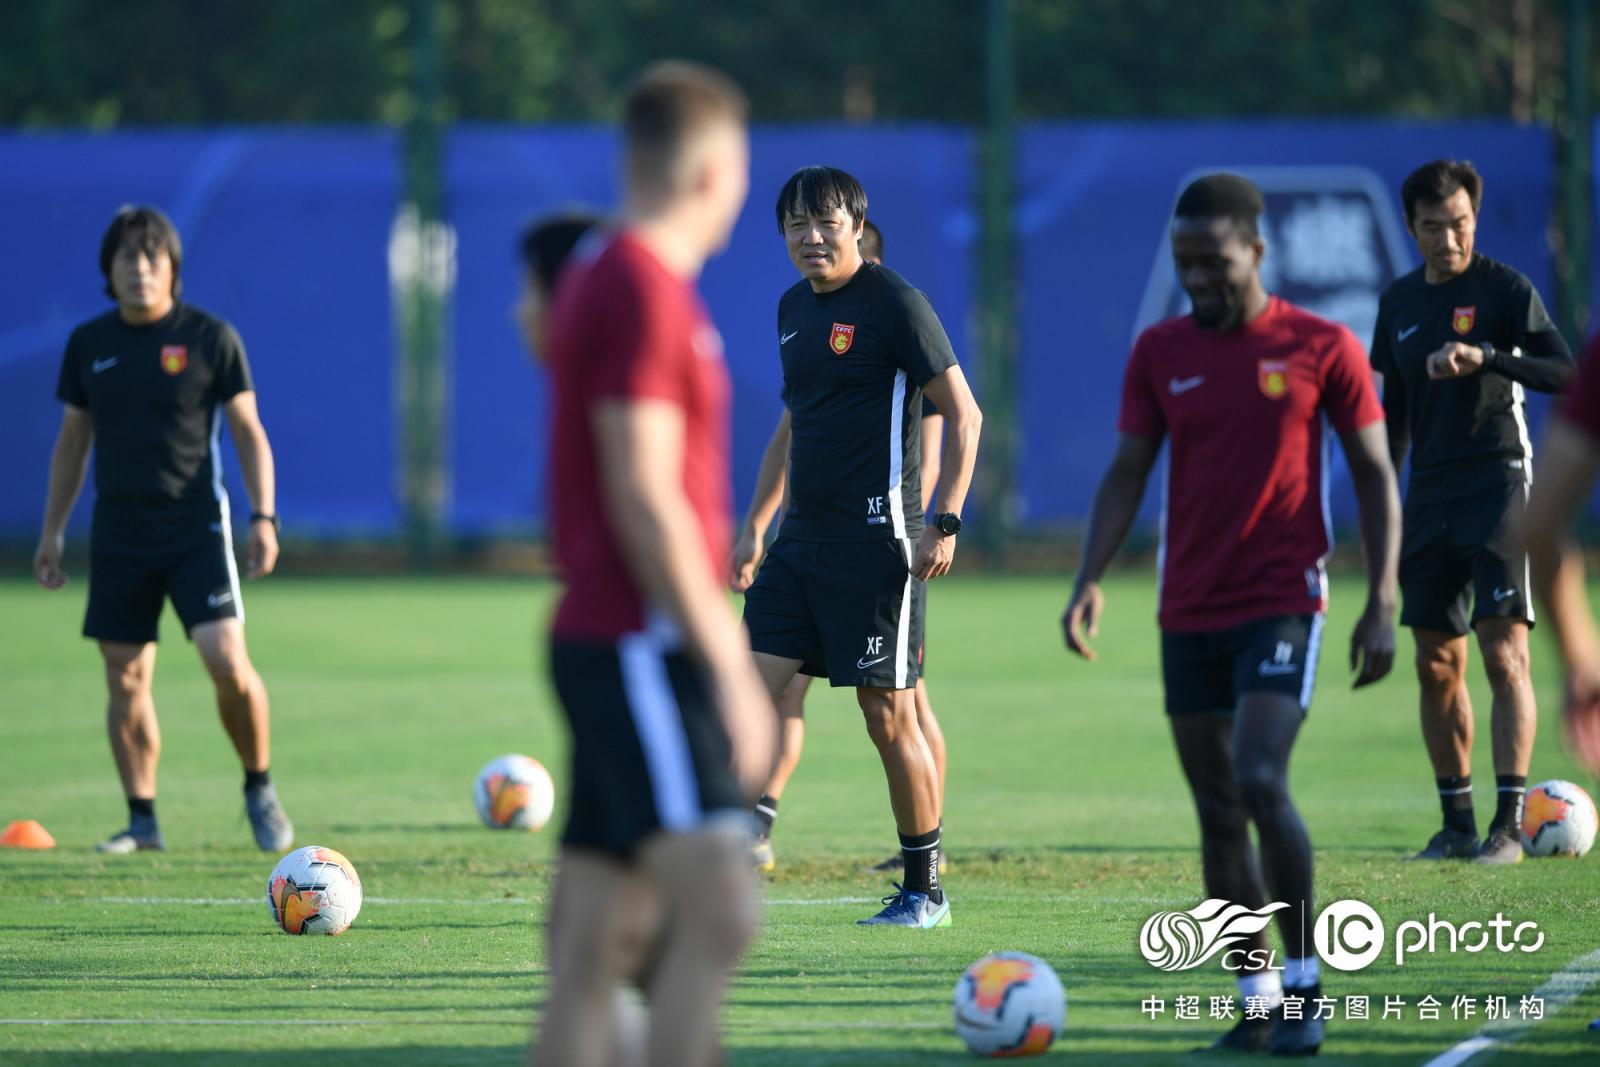 谢峰:赢上港源于全队思想统一,培养年轻球员非常重要 第3张